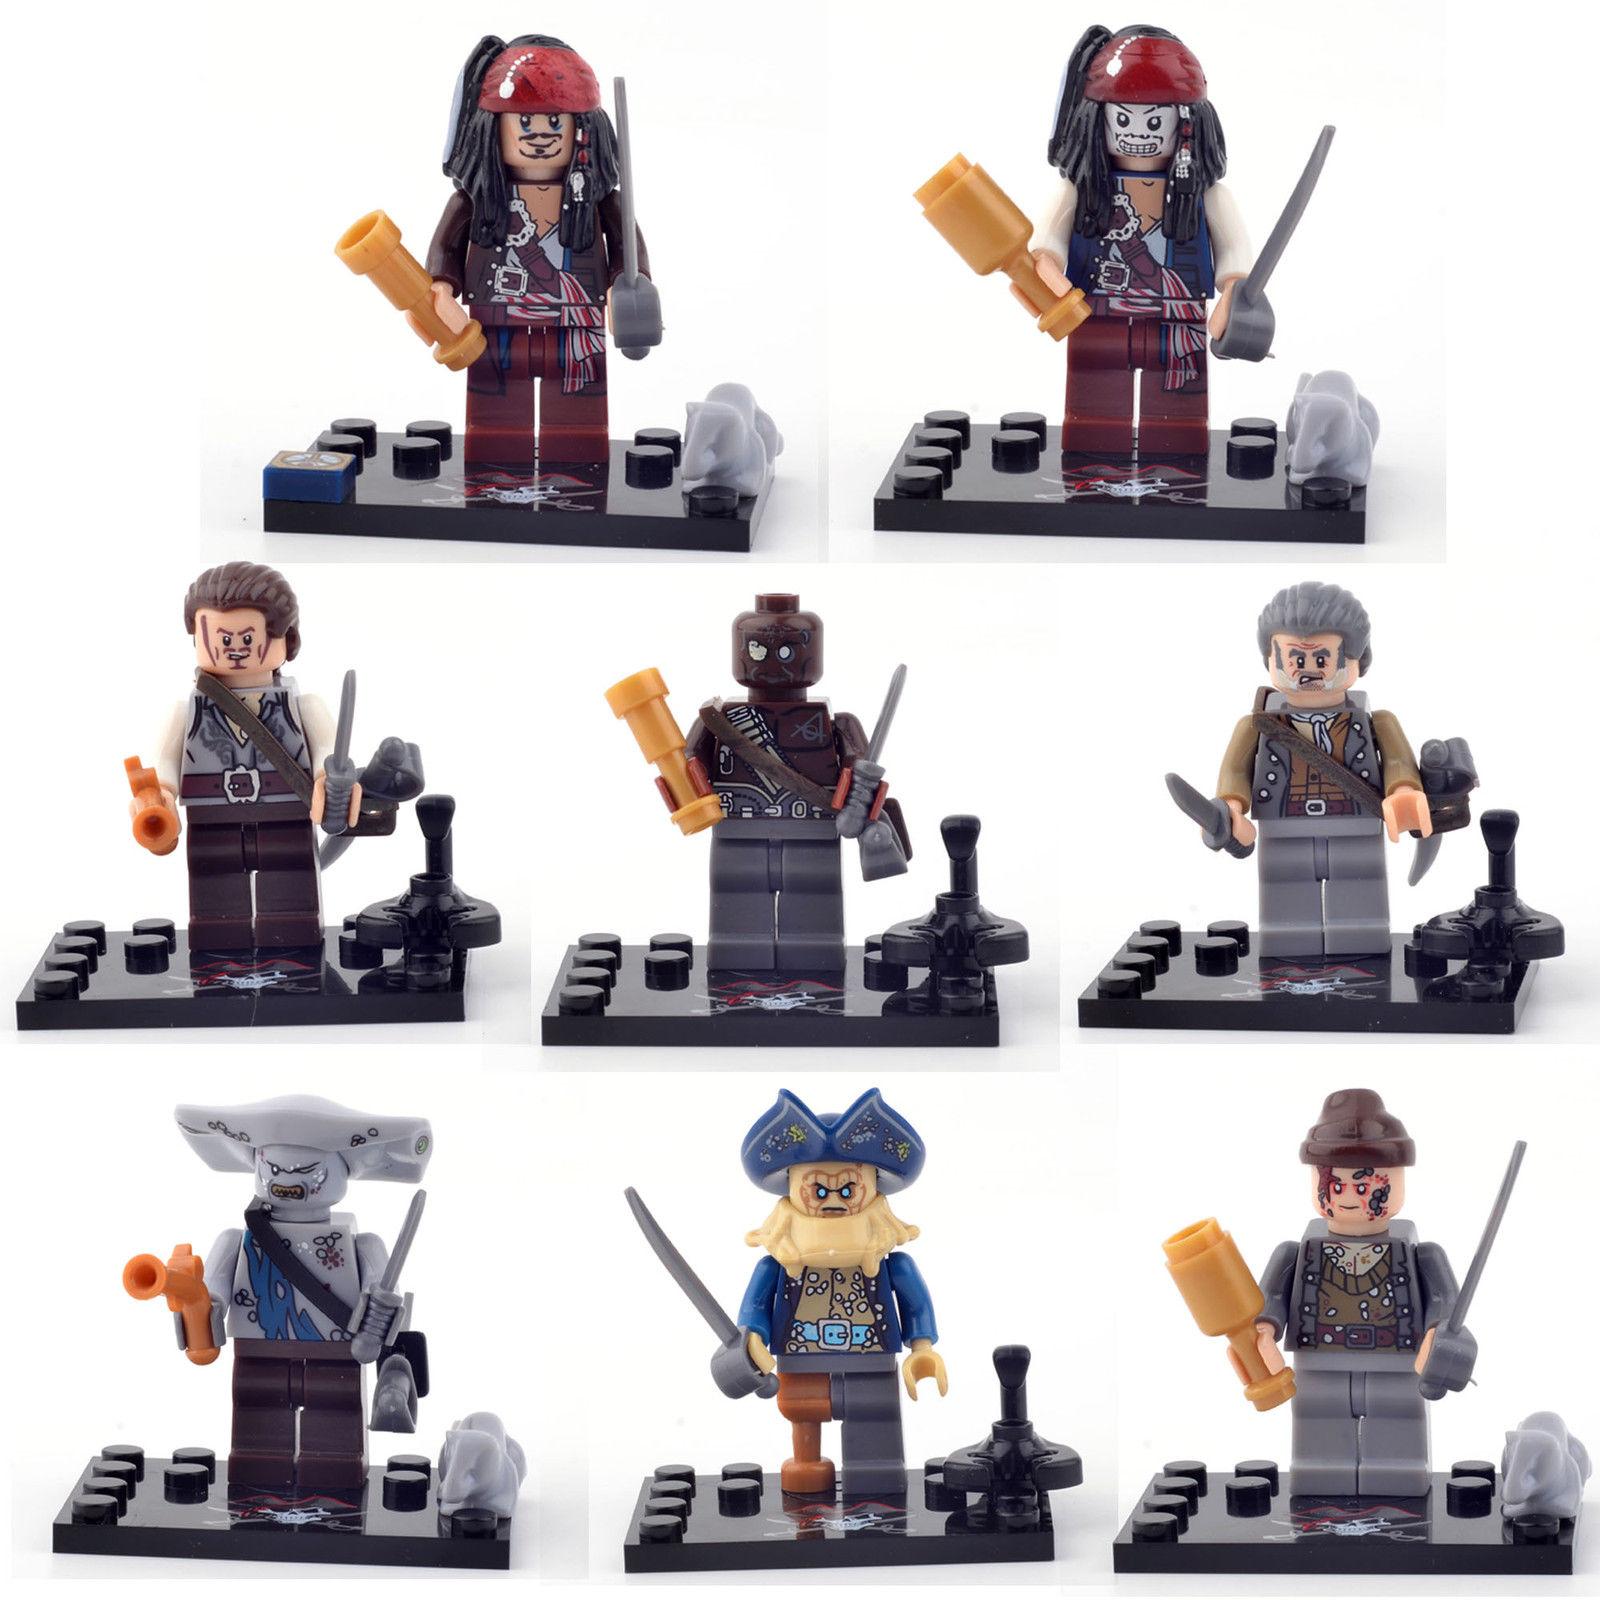 Figurky Piráti z Karibiku k Lego 8 ks